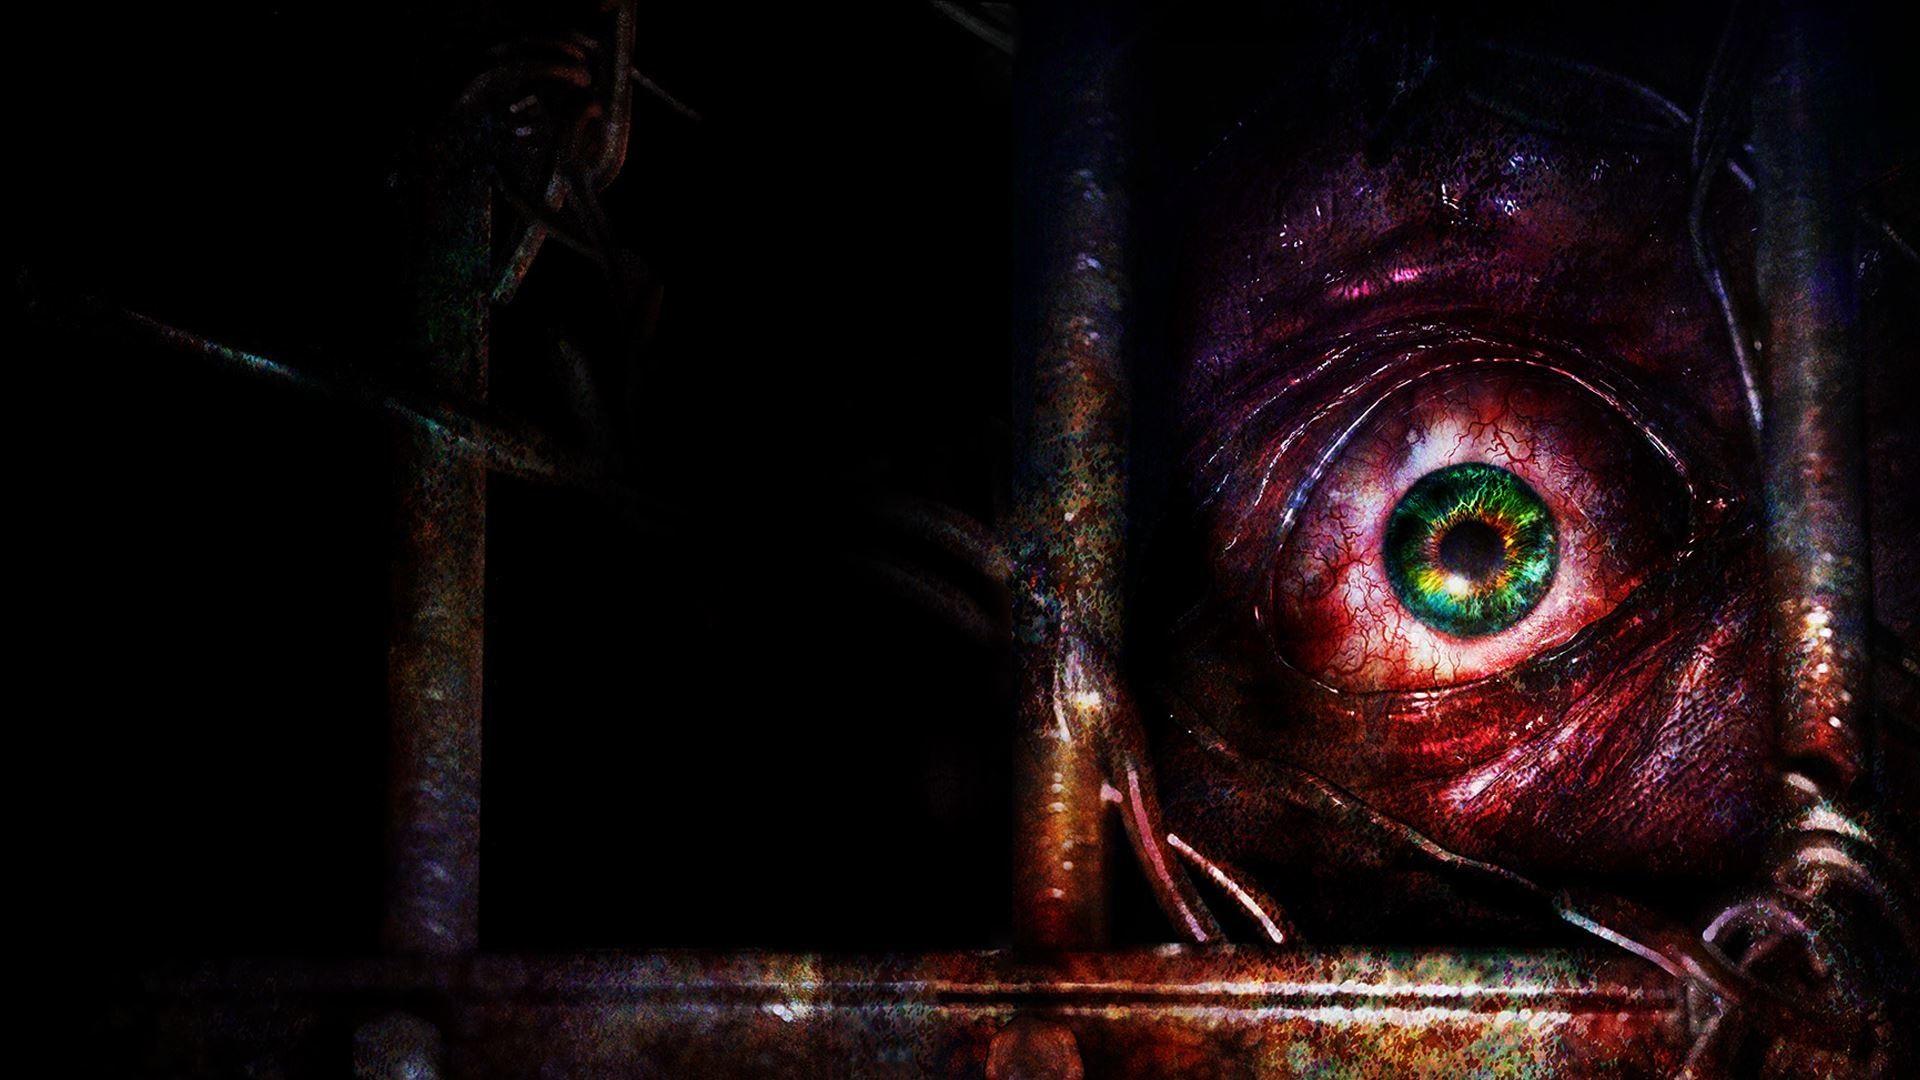 Wallpaper Resident Evil Revelations 2 1920x1080 Full Hd 2k